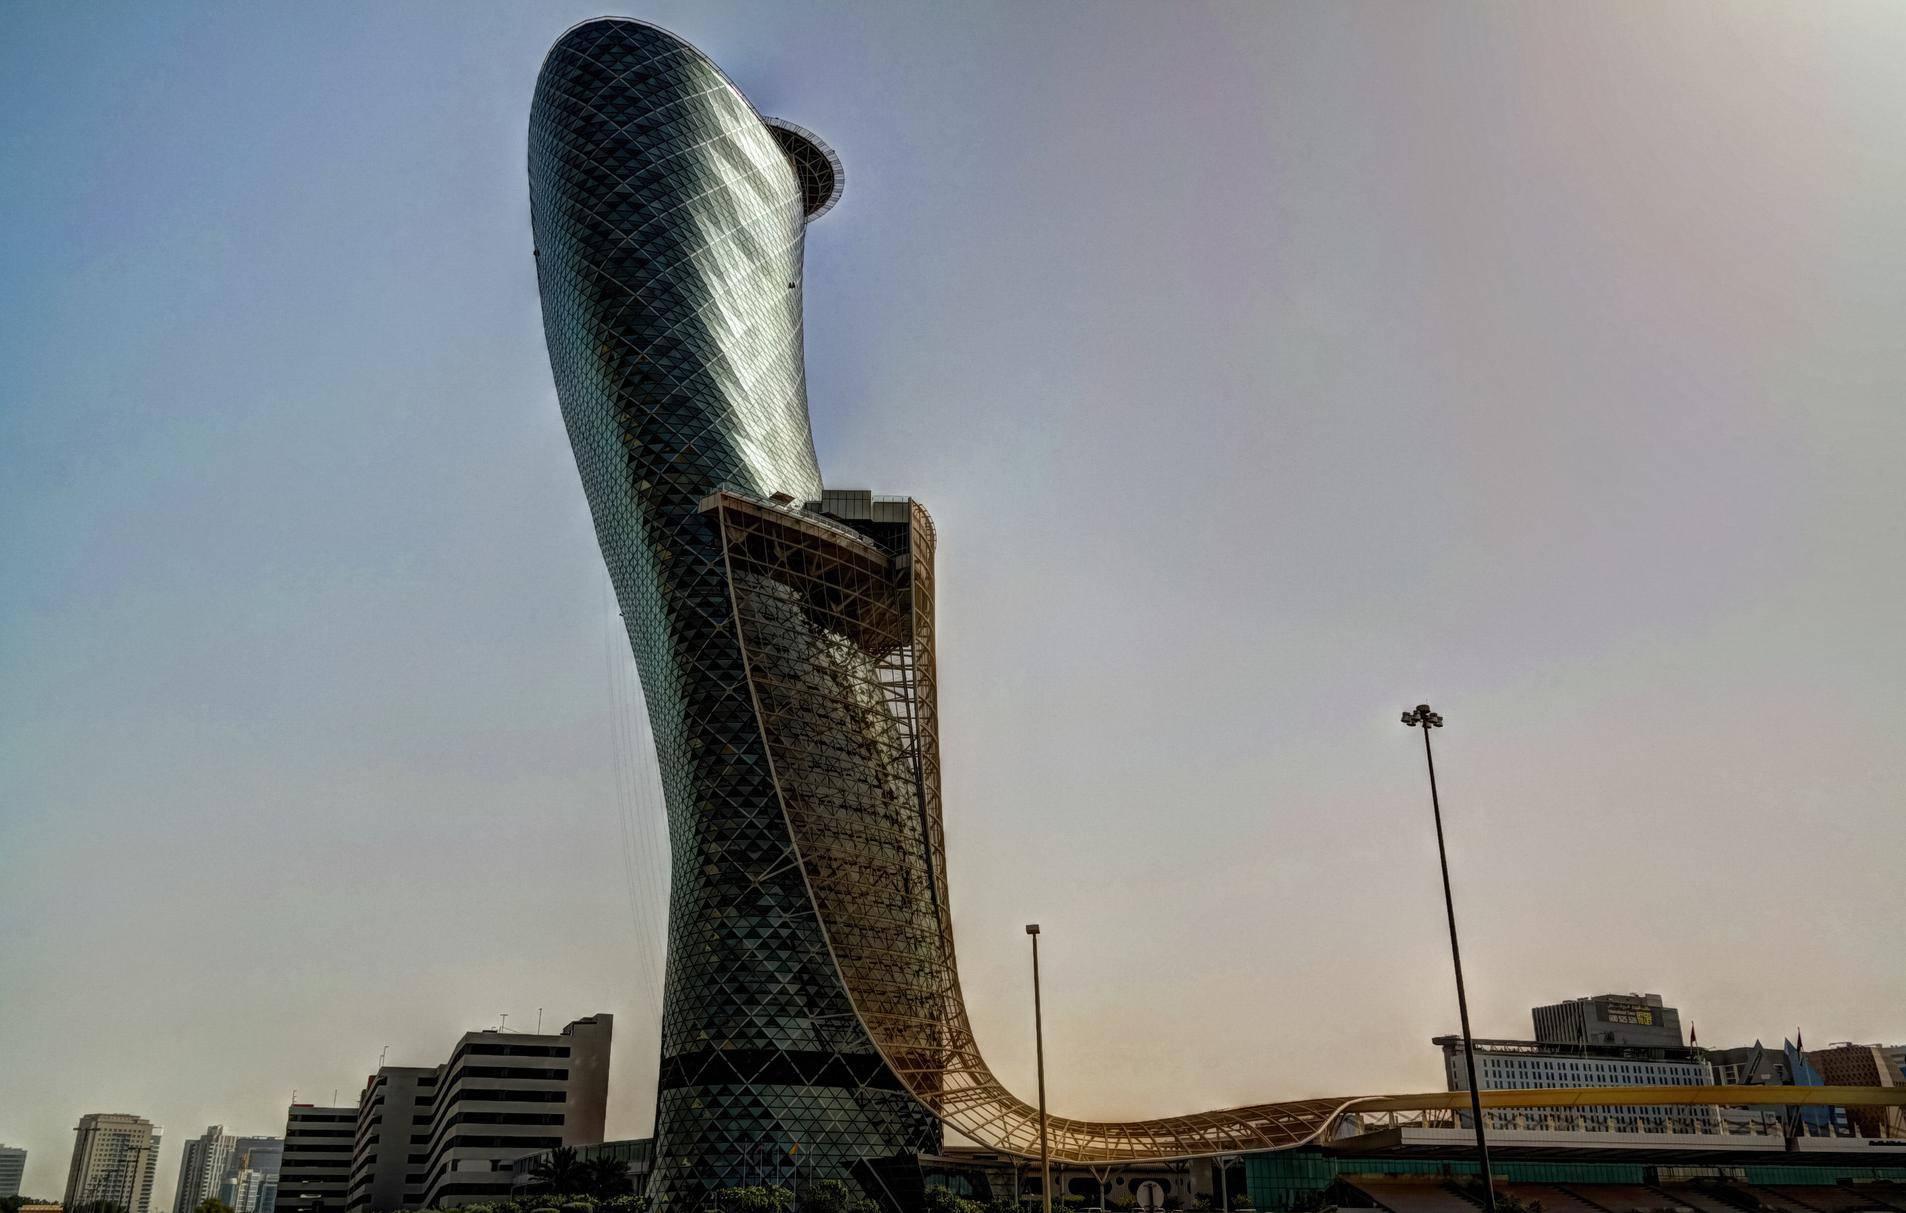 Kosi toranj u Pisi nije ni blizu kao Capital Gate u Abu Dhabiju: Čak 17 katova visi preko ruba